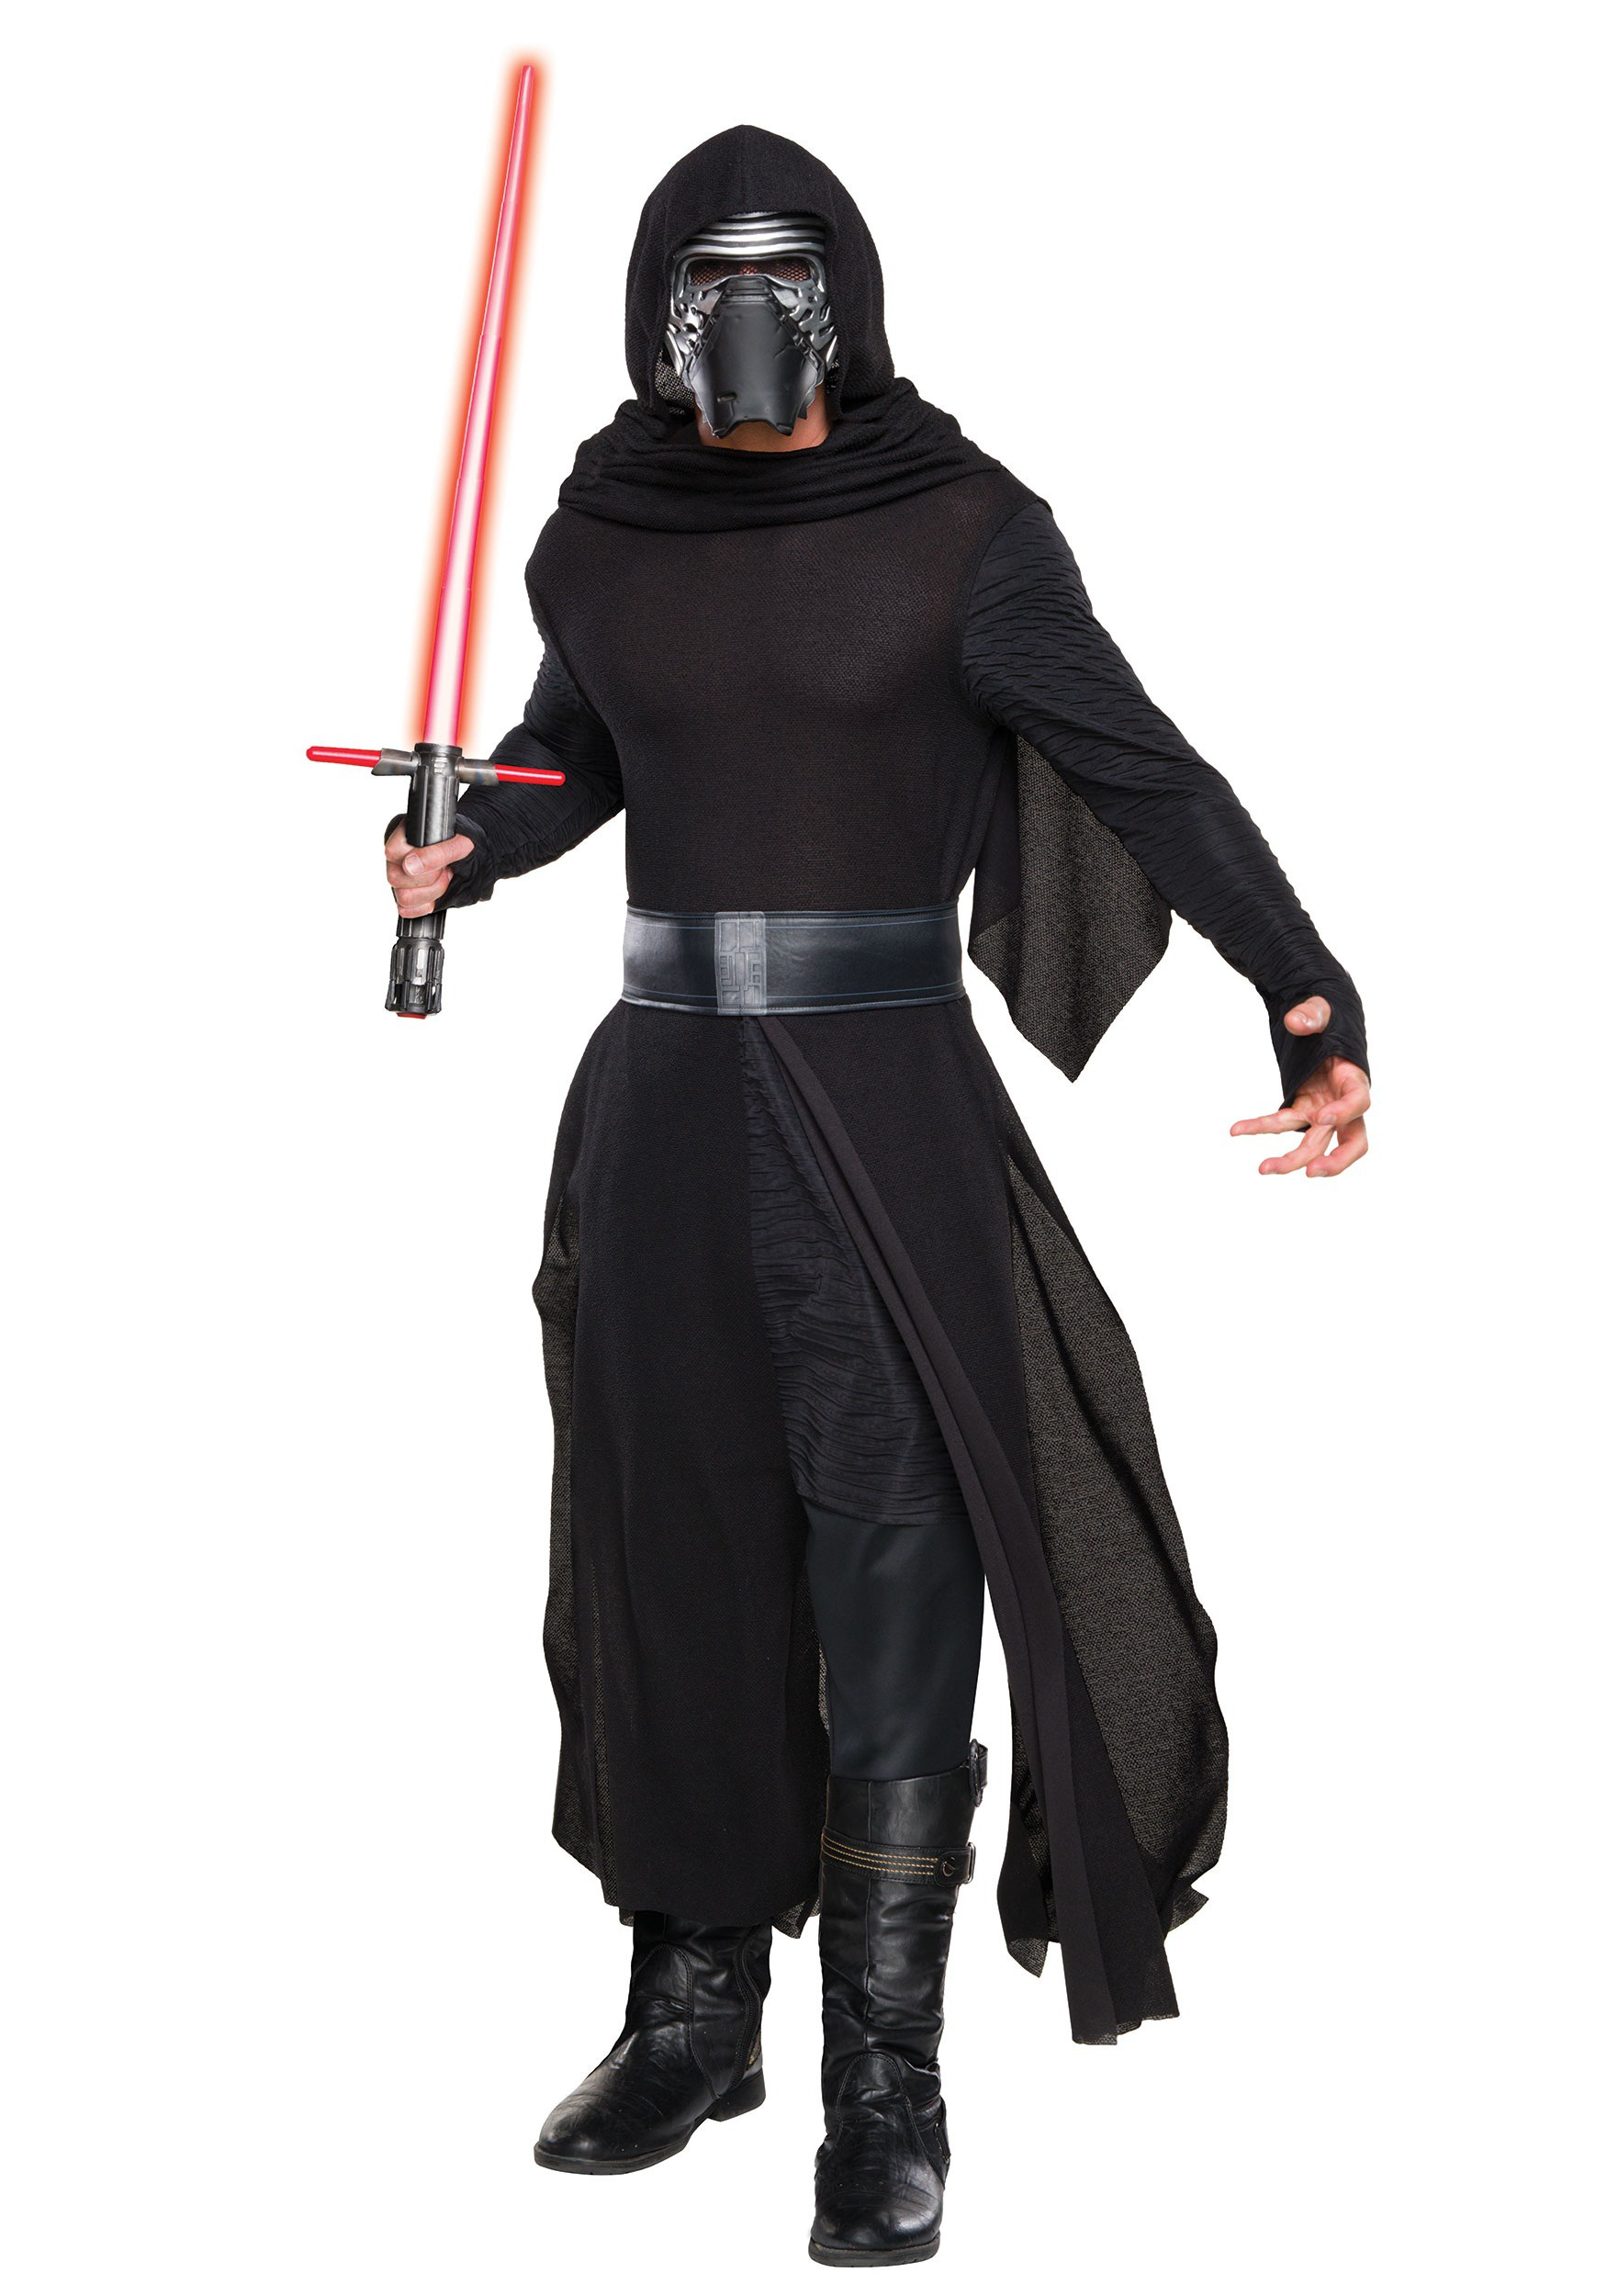 Deluxe Star Wars The Force Awakens Kylo Ren Costume for Men